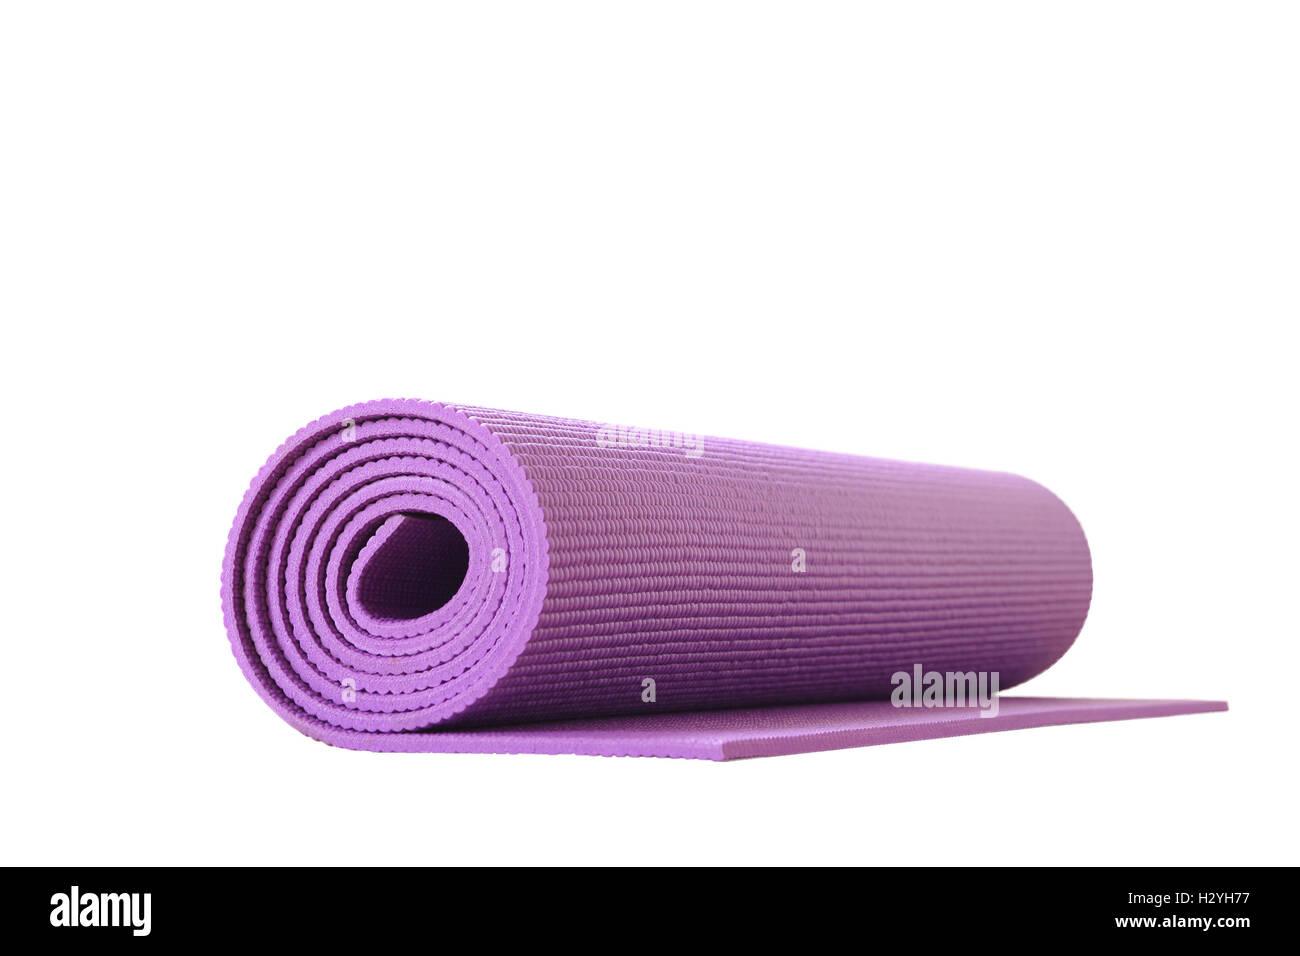 Yogamatte isoliert Stockbild